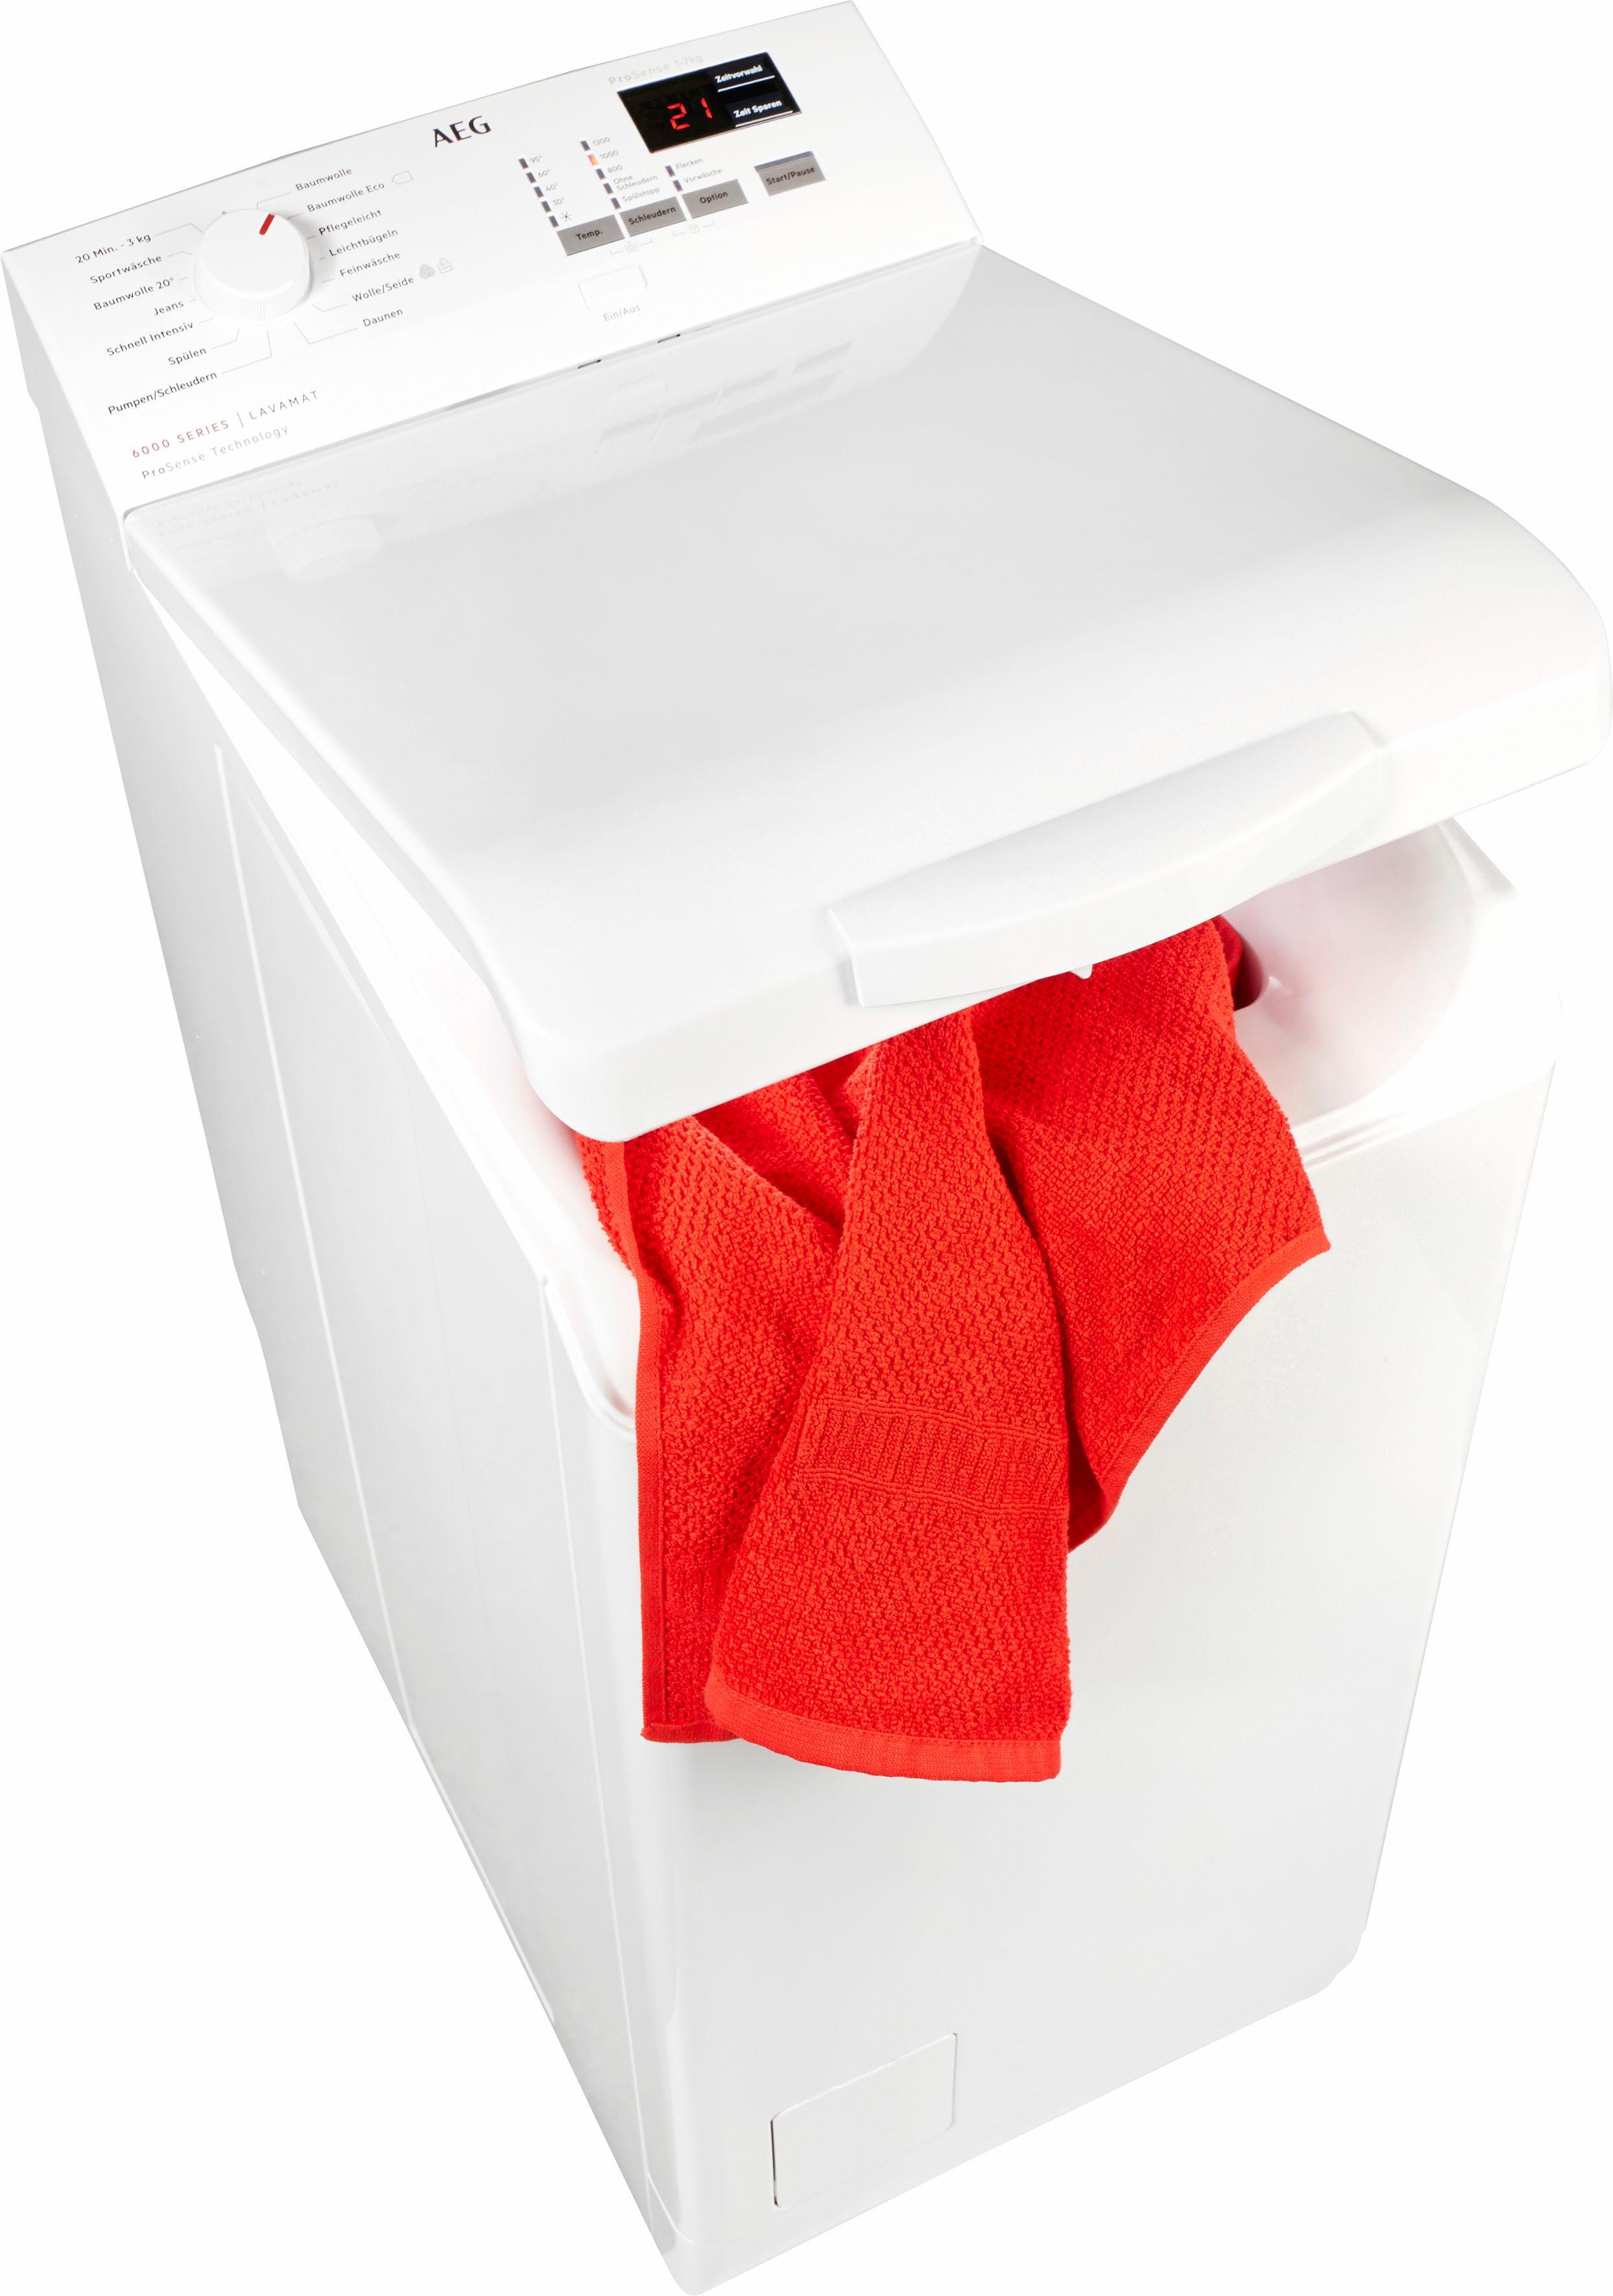 AEG Waschmaschine Toplader 6000 L6TB41270 | Bad > Waschmaschinen und Trockner > Toplader | AEG